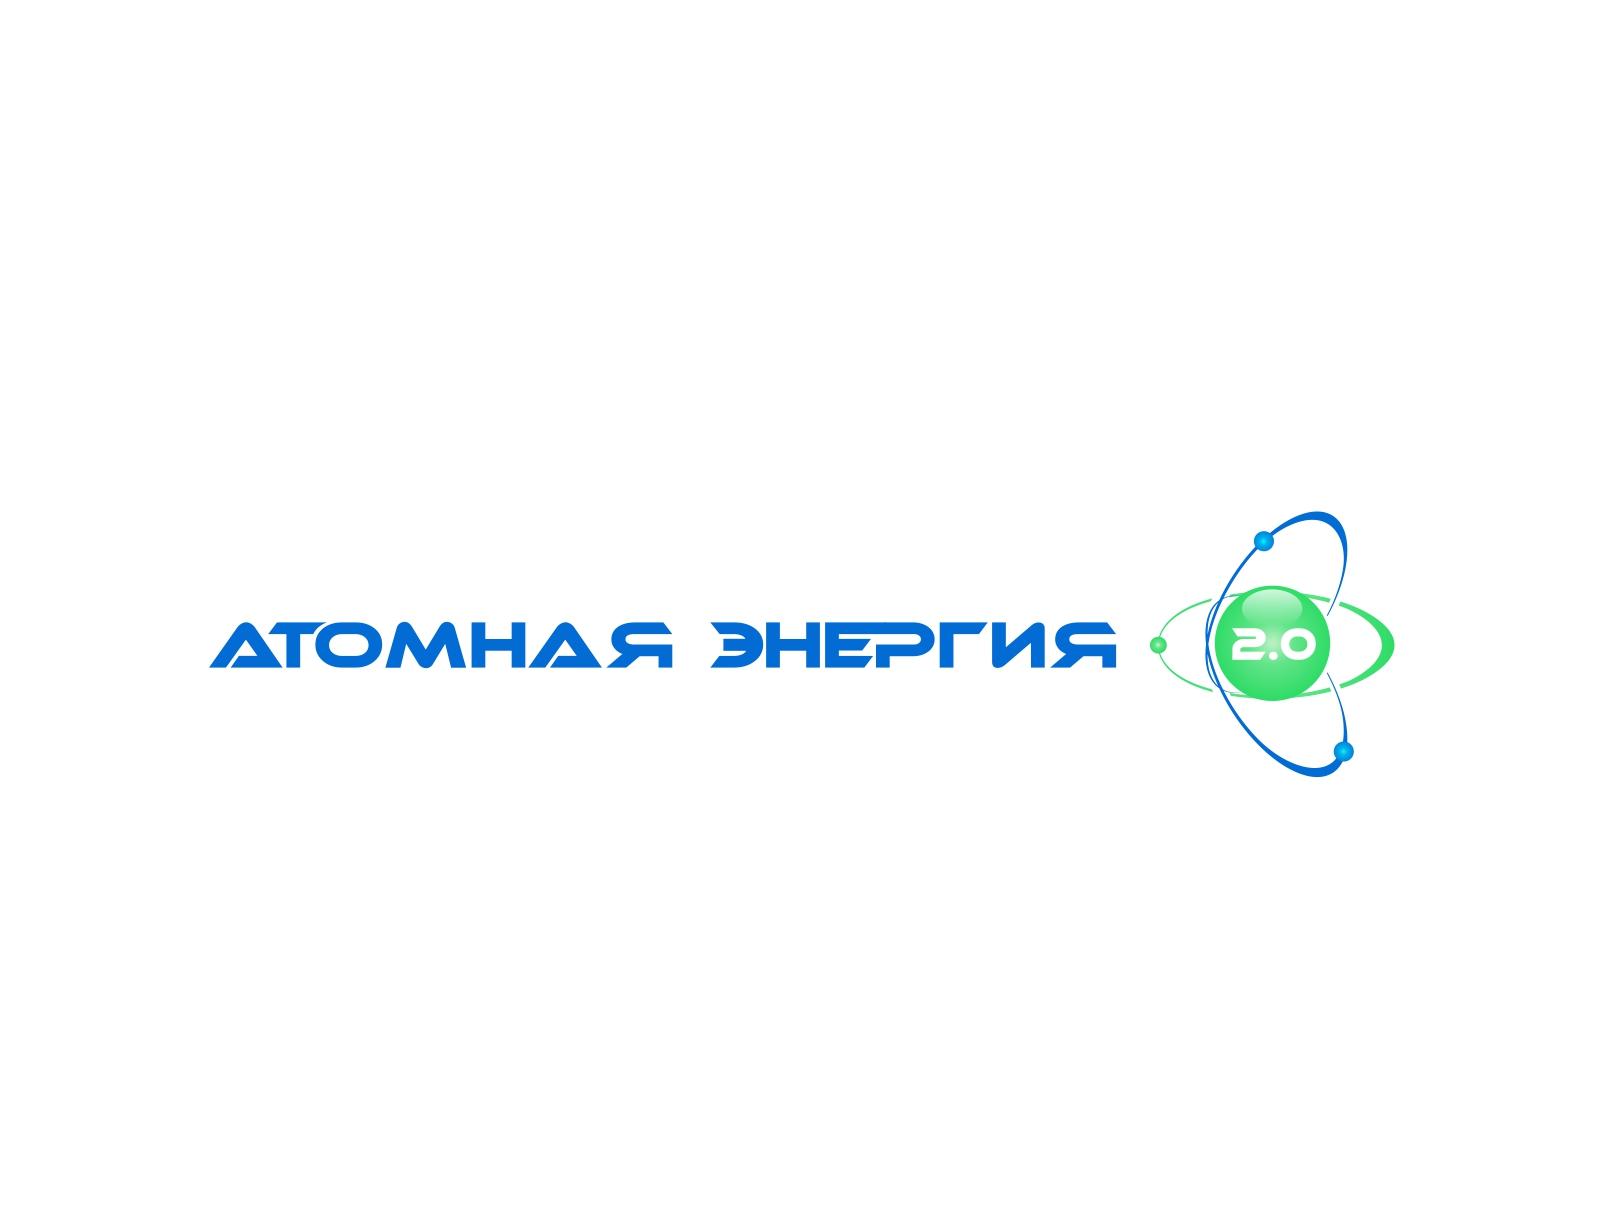 """Фирменный стиль для научного портала """"Атомная энергия 2.0"""" фото f_22359ddcdbfa18c1.jpg"""